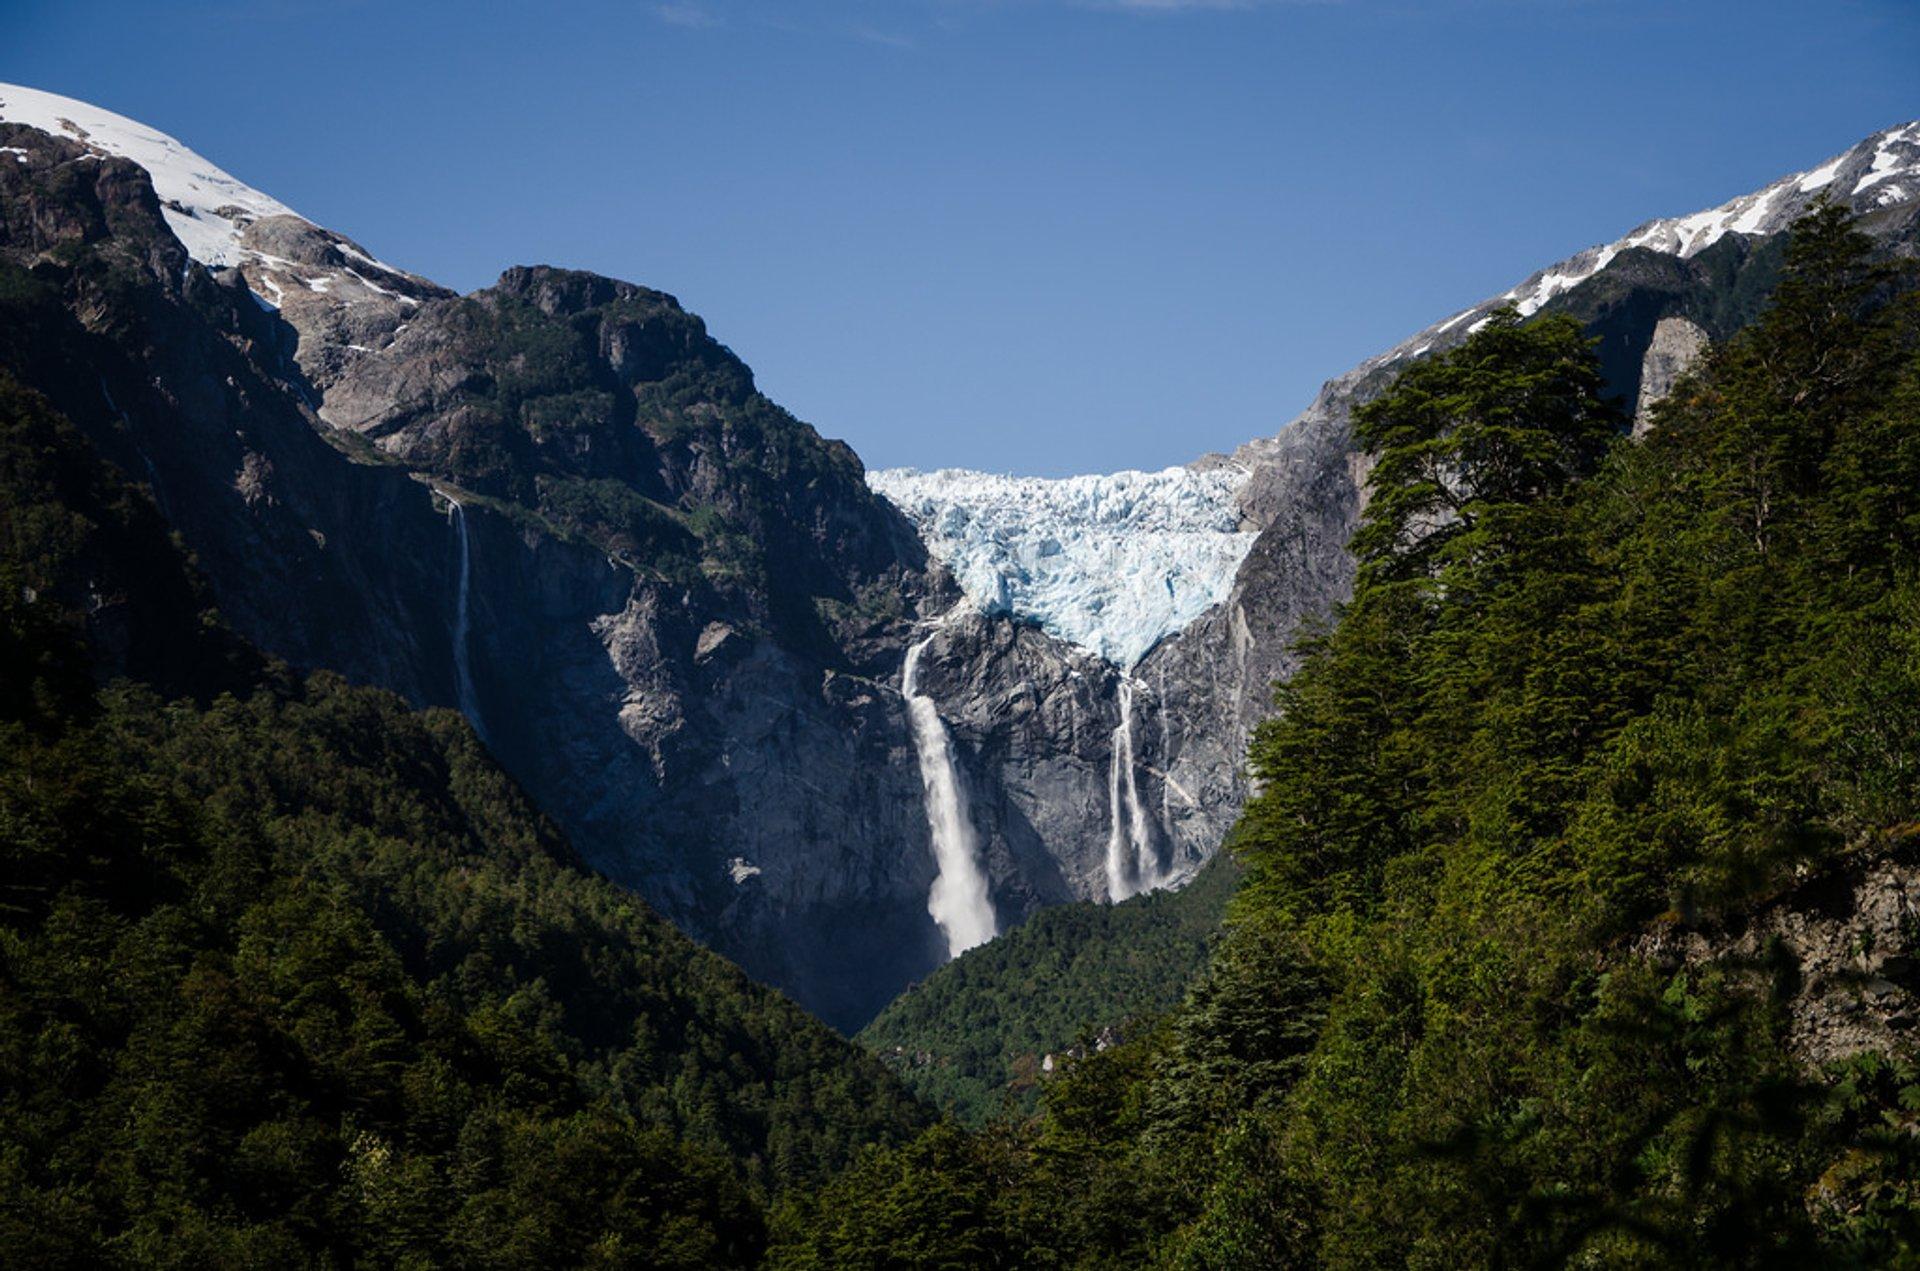 Cascada de Ventisquero Colgante in Chile 2019 - Best Time